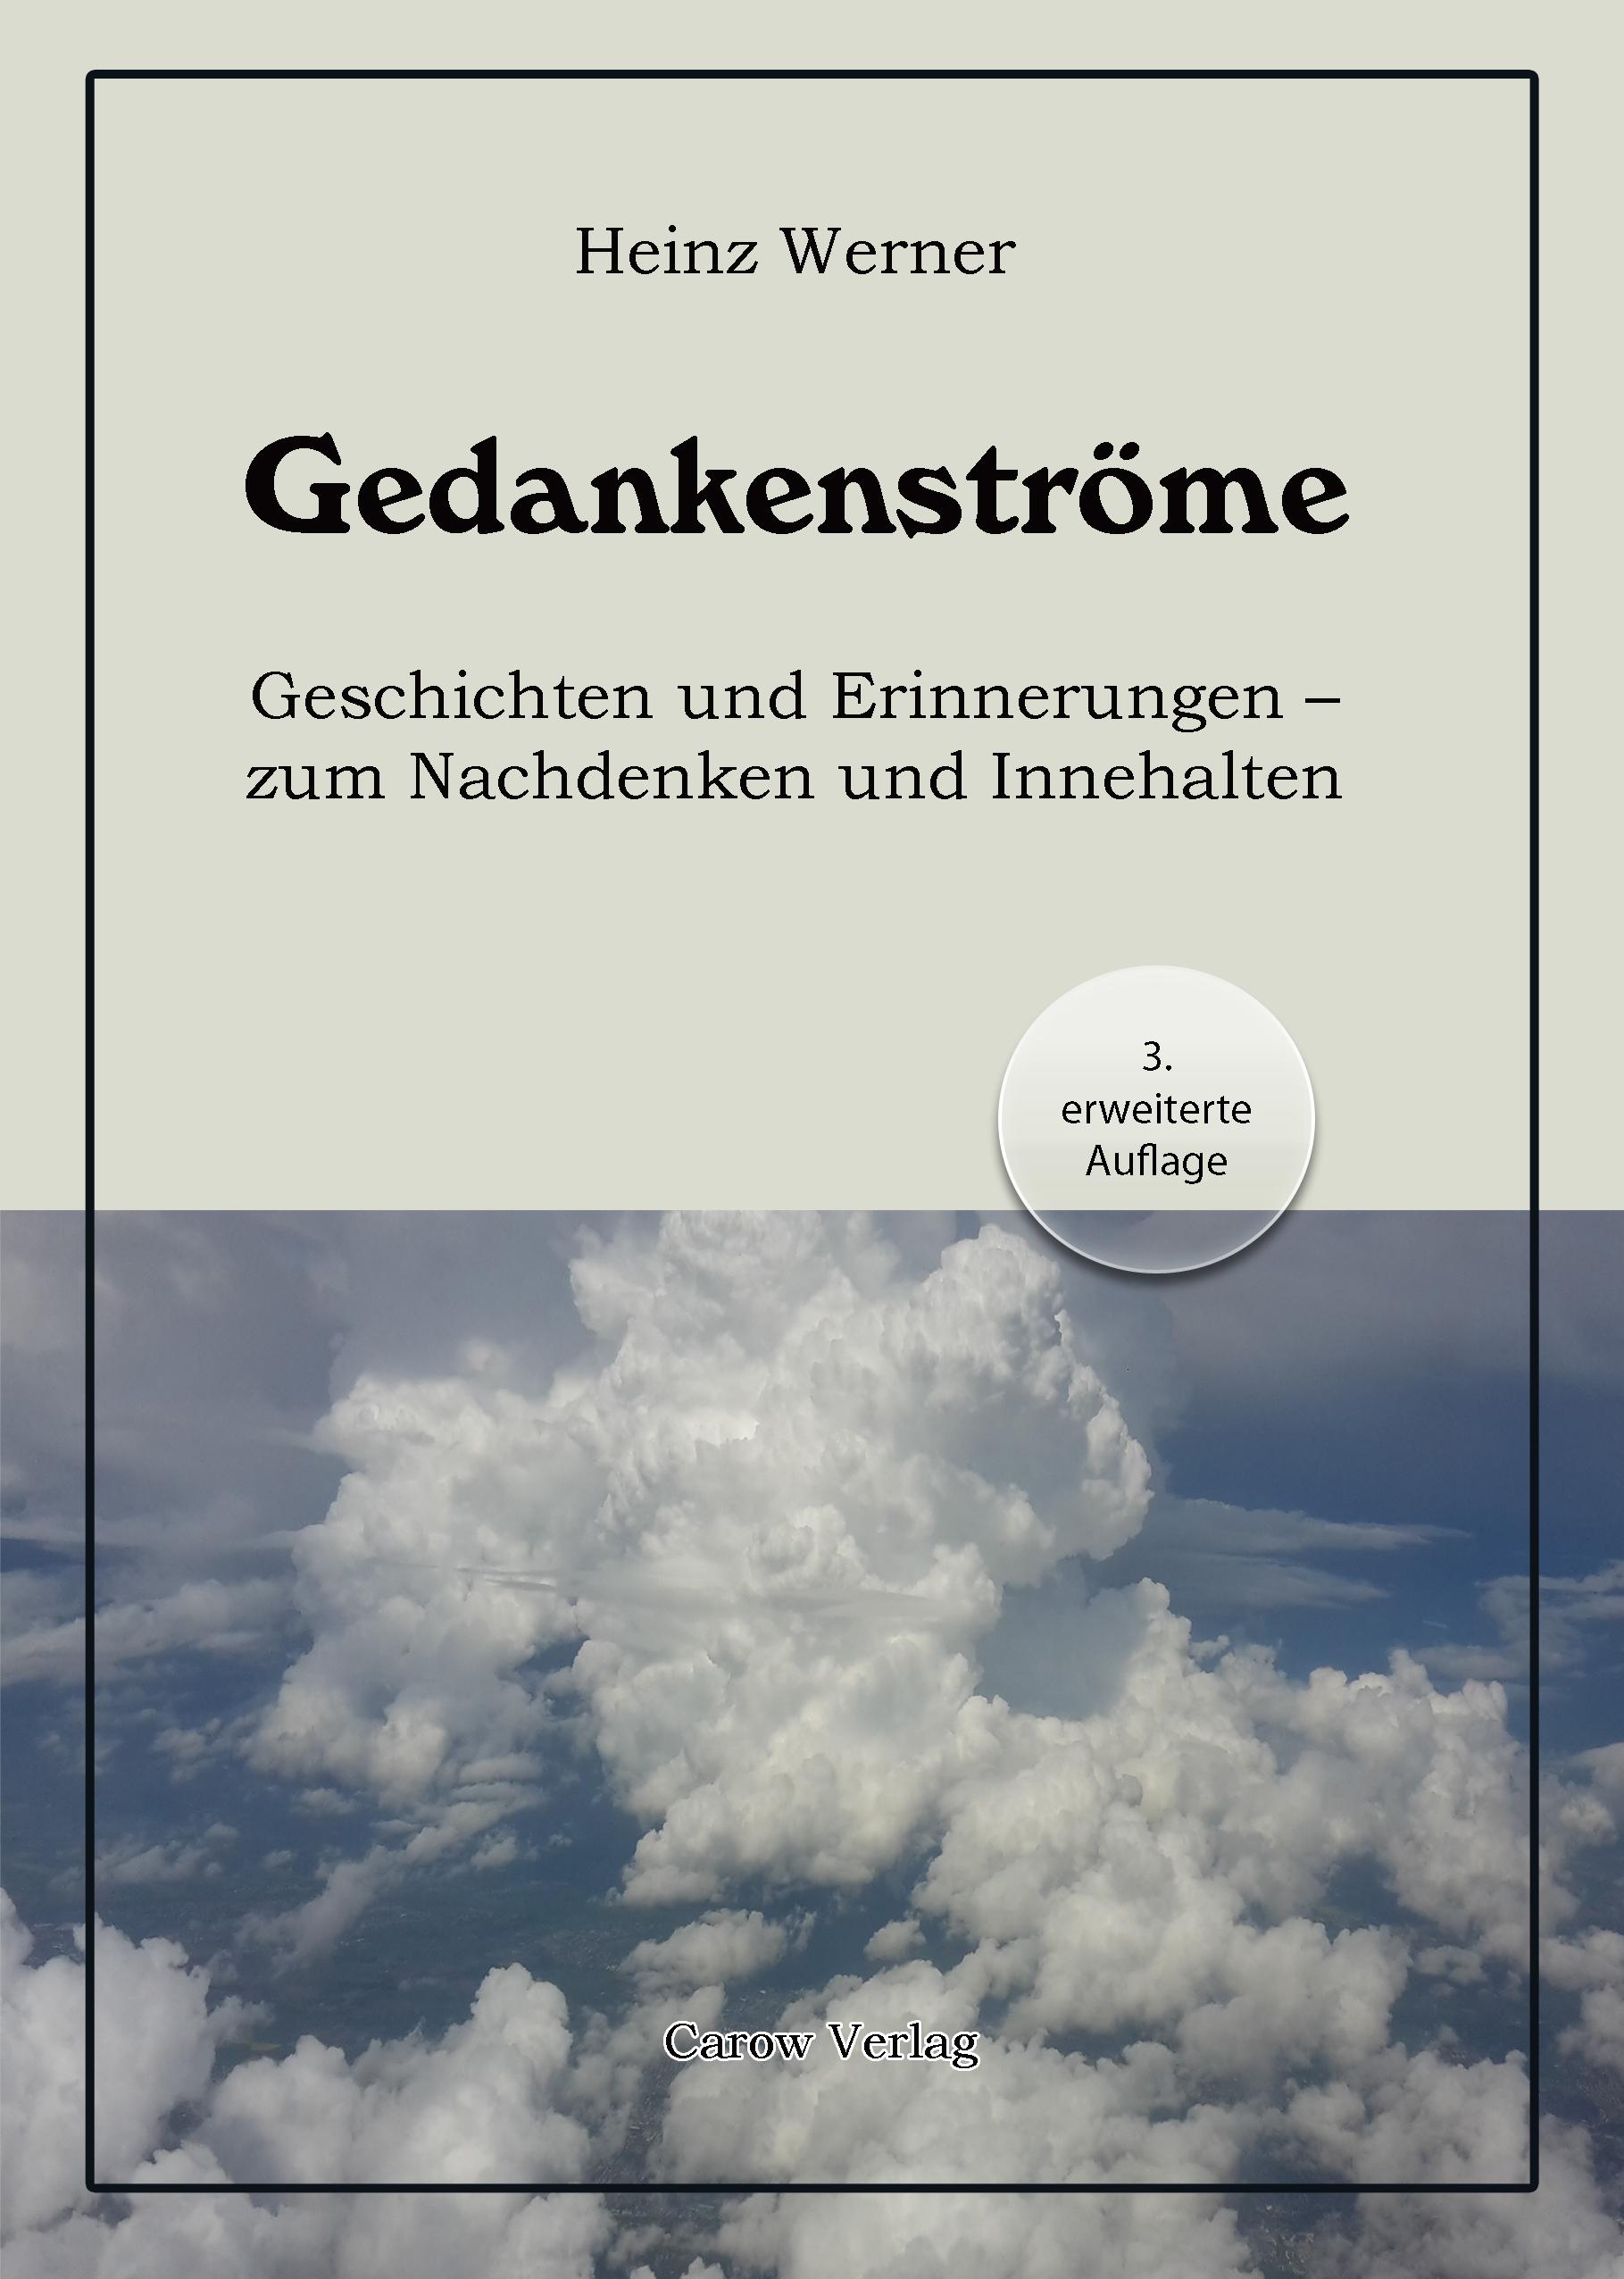 https://carow-verlag.de/news/images/Gedankenstroeme-de_cover_RGB.jpg